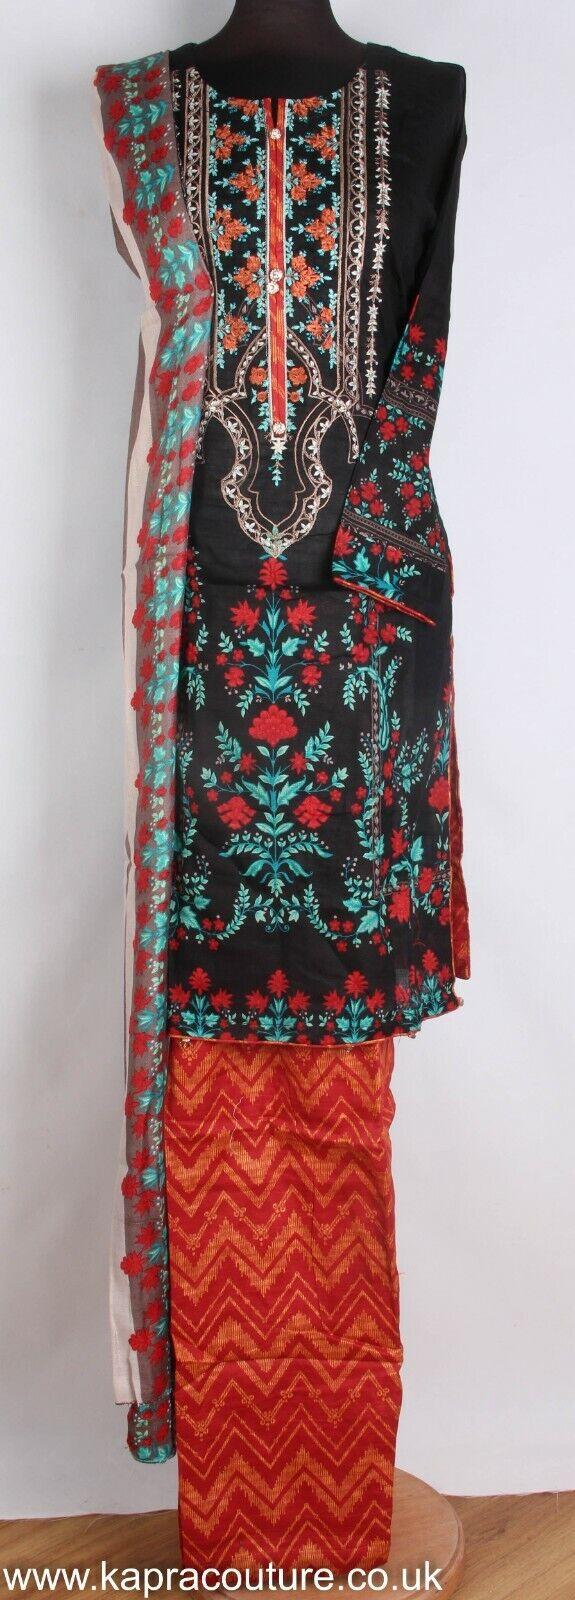 3 Piece Ready Made Khaddar Salwar Kameez with Wool Shawl